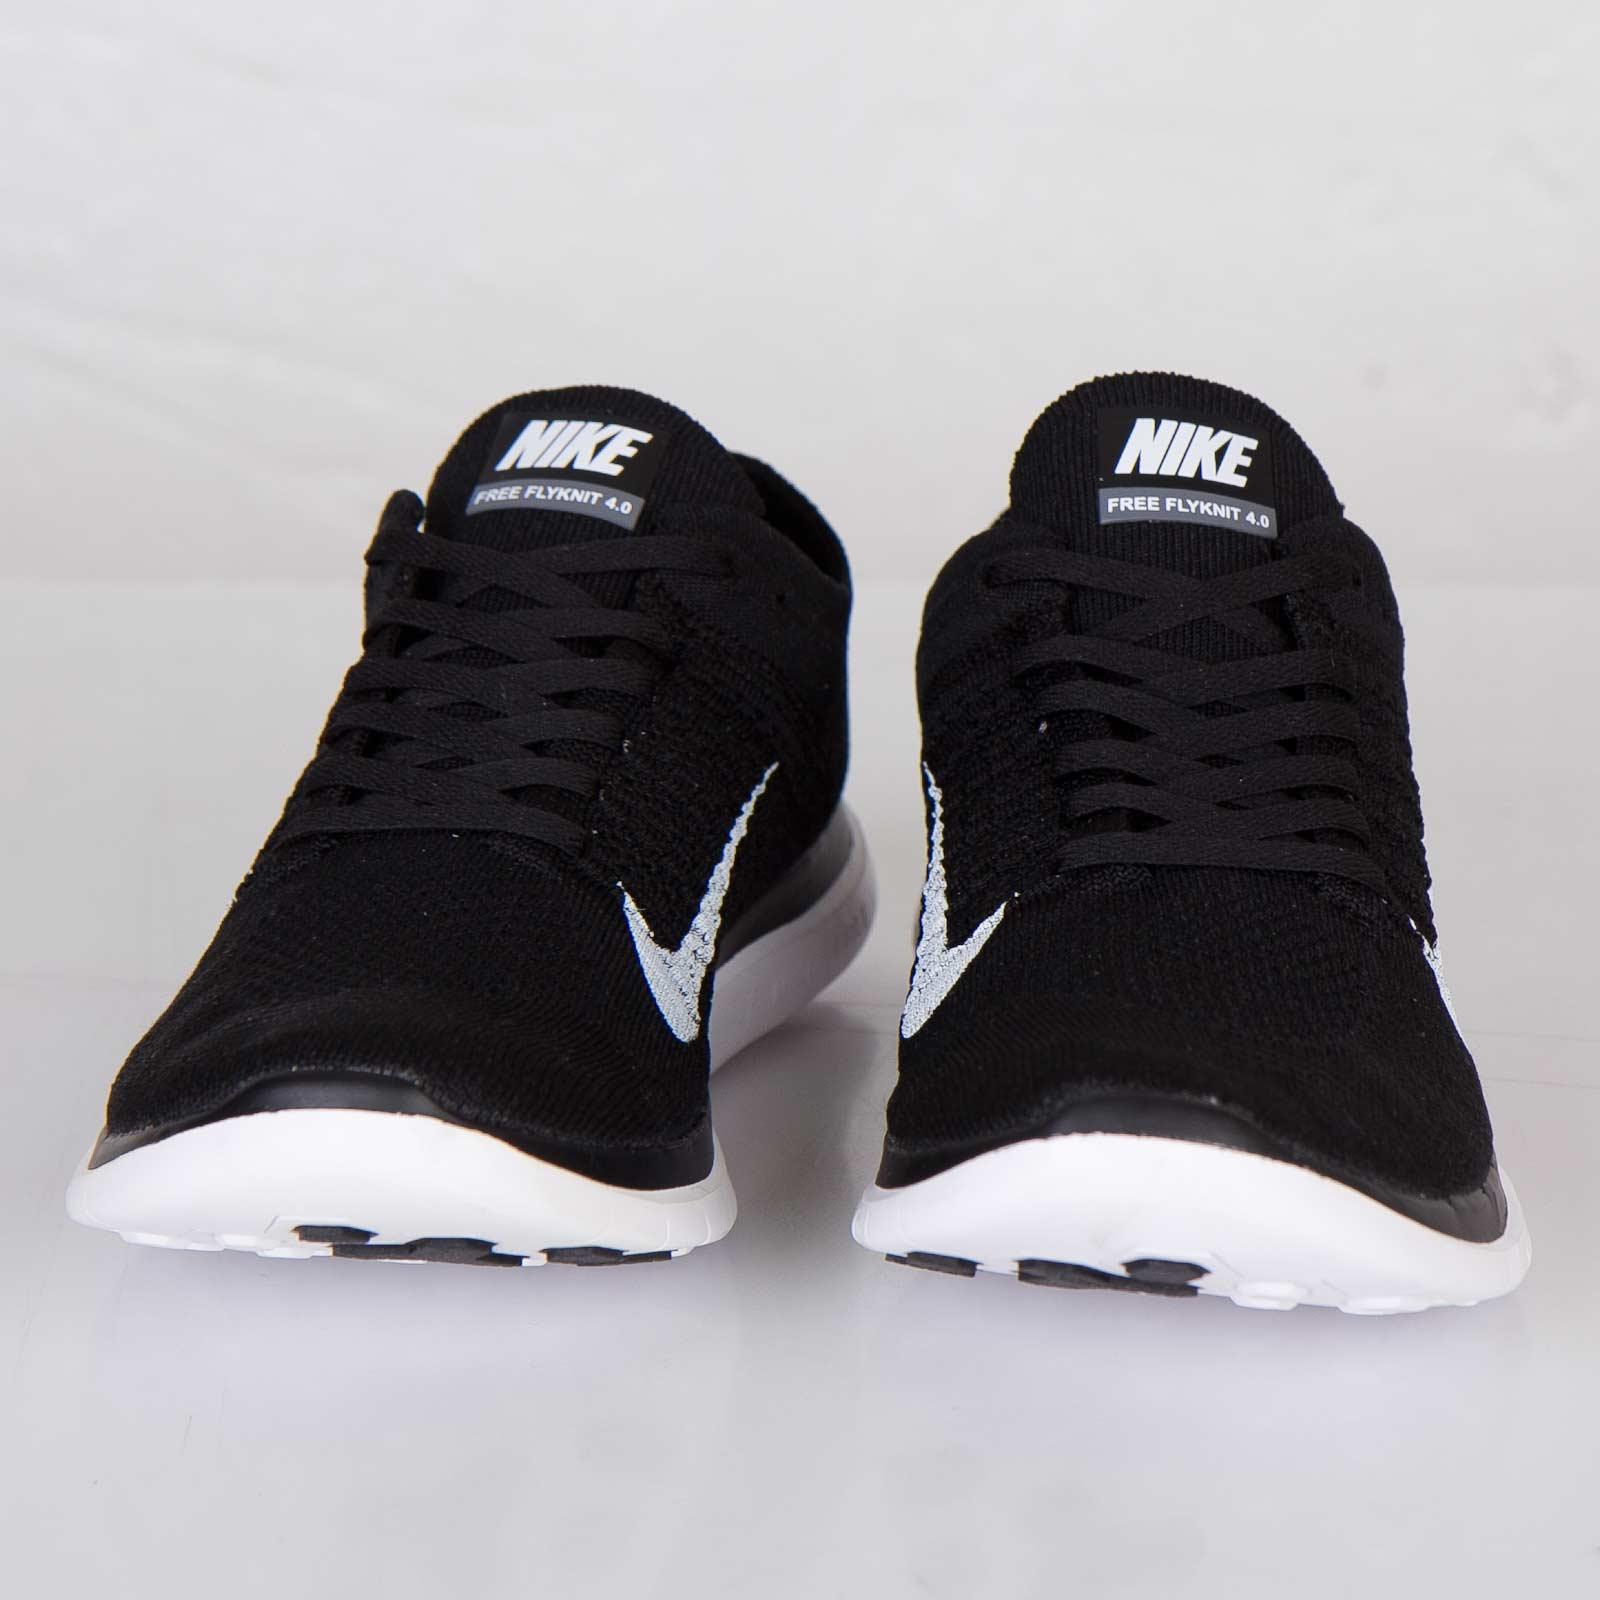 info for e3291 6b3bf Nike Free Flyknit 4.0 - 631053-001 - Sneakersnstuff ...